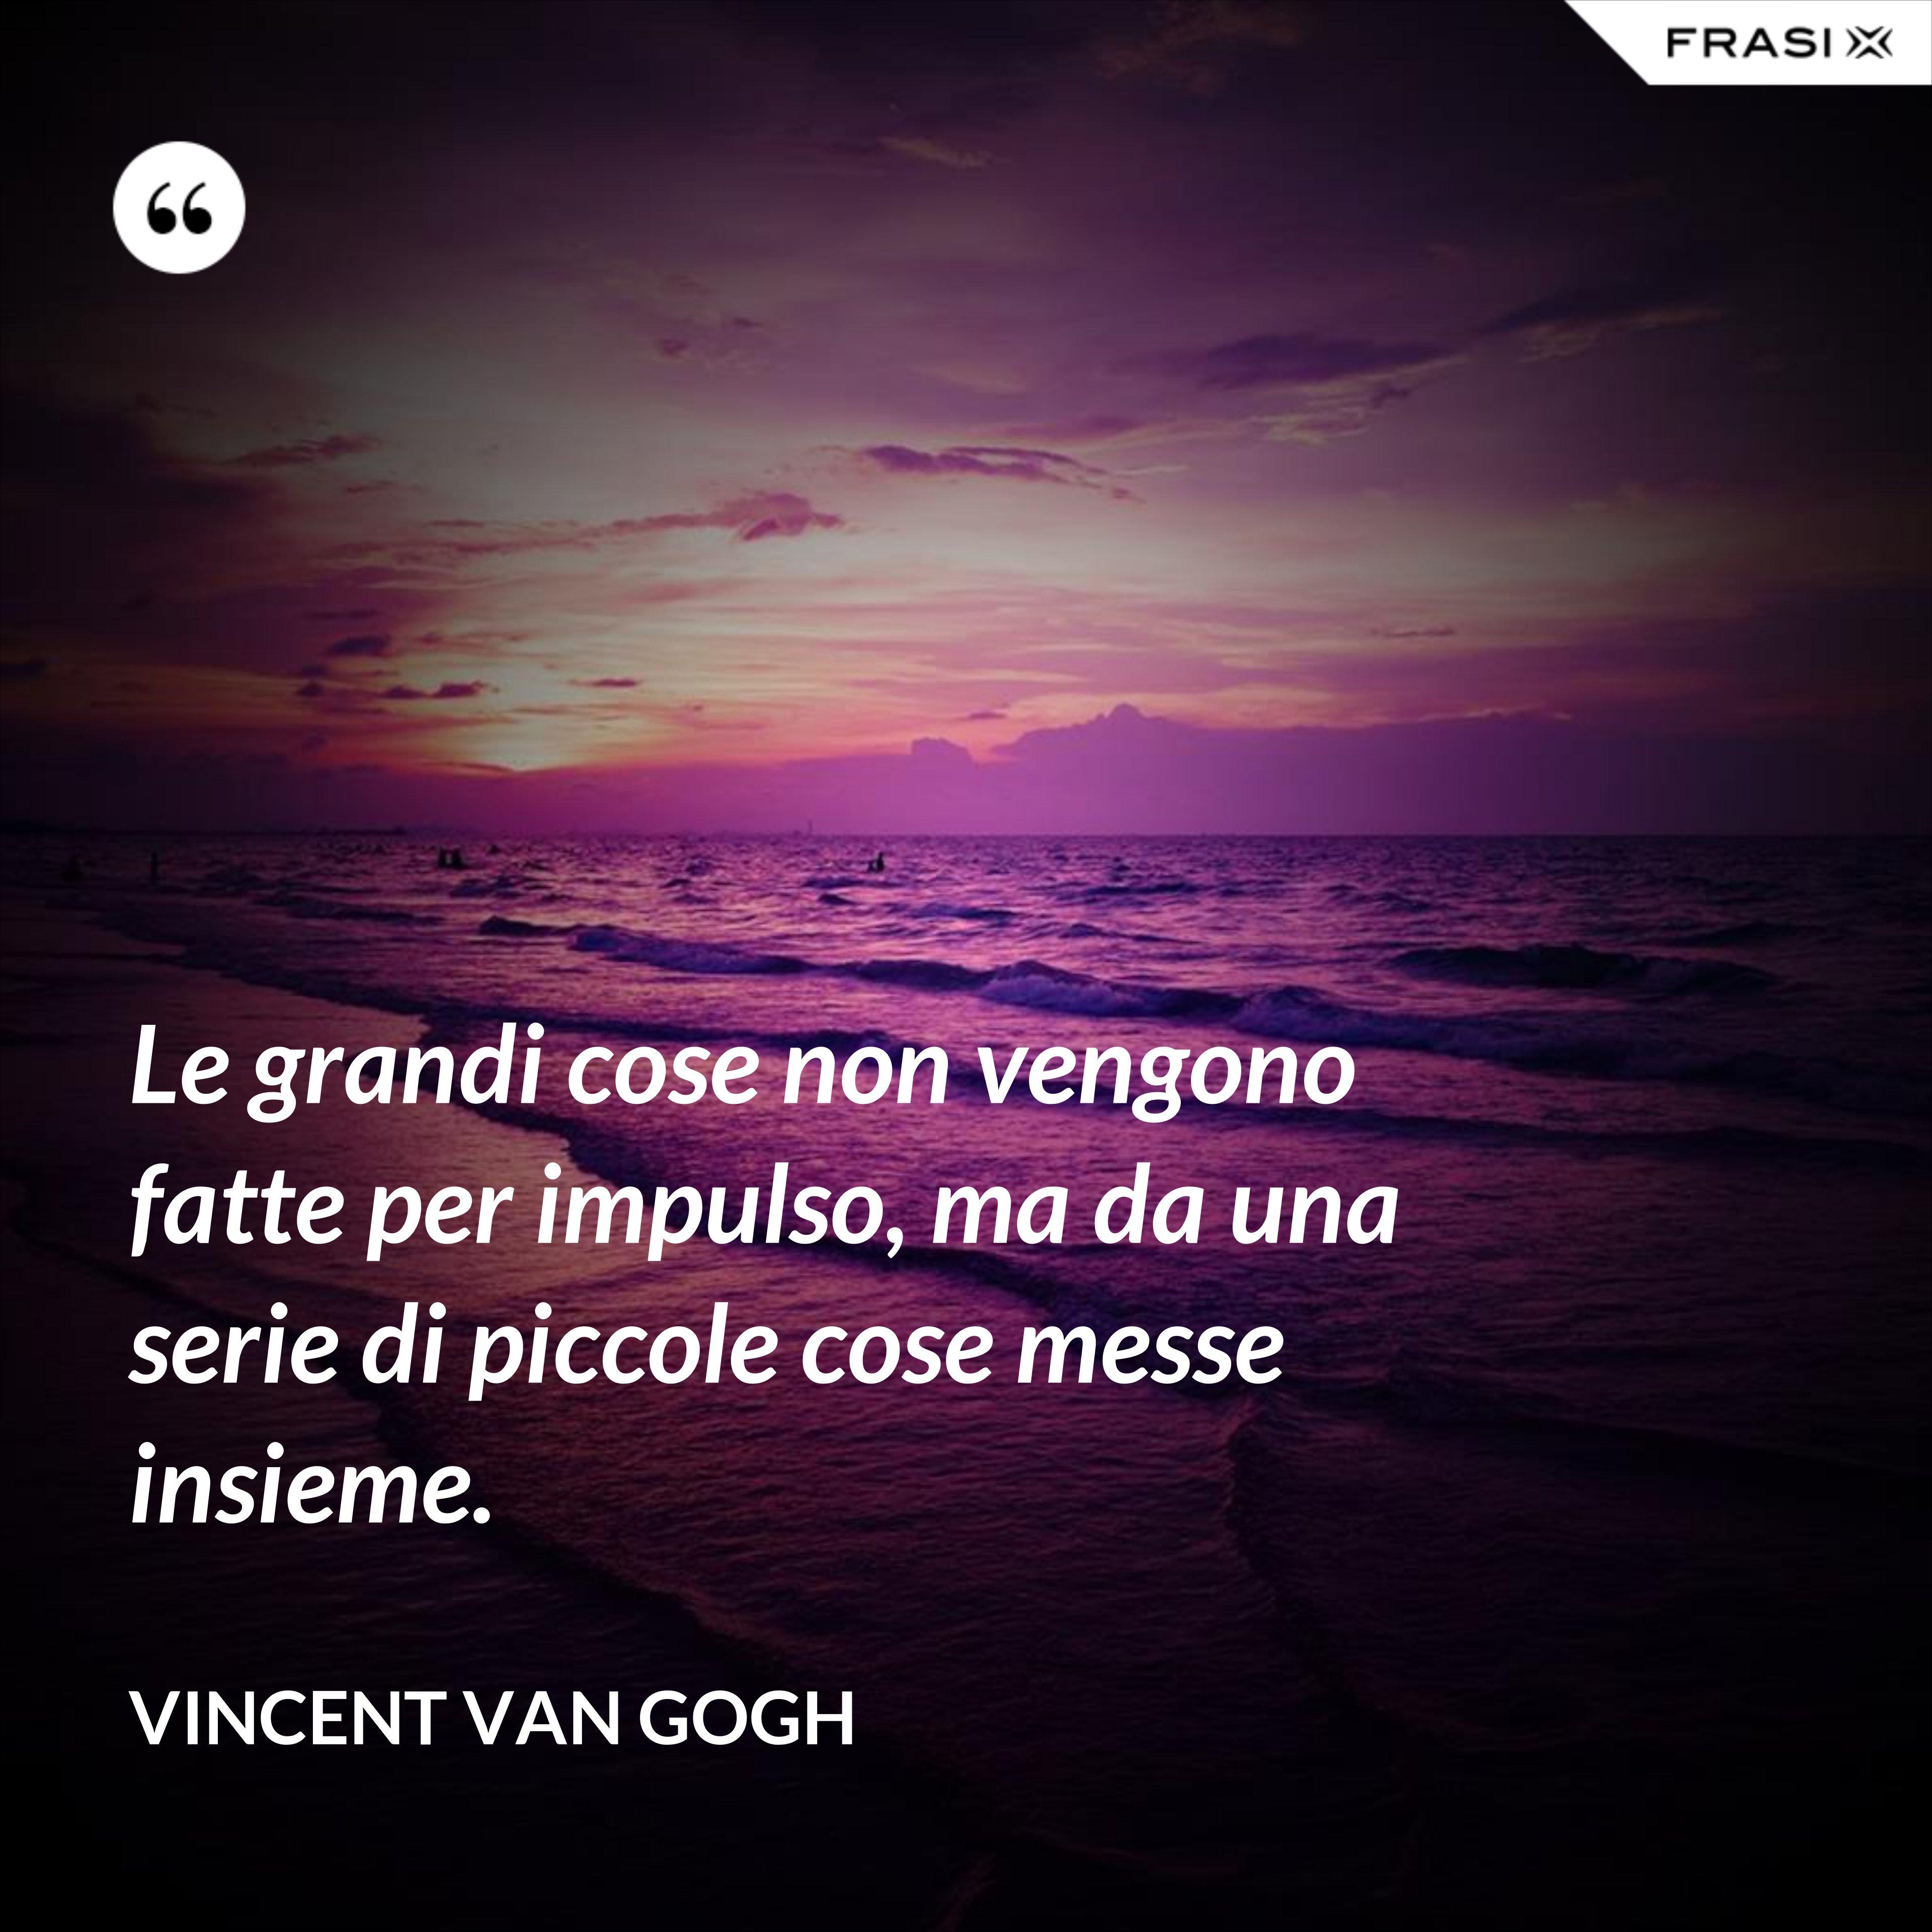 Le grandi cose non vengono fatte per impulso, ma da una serie di piccole cose messe insieme. - Vincent Van Gogh